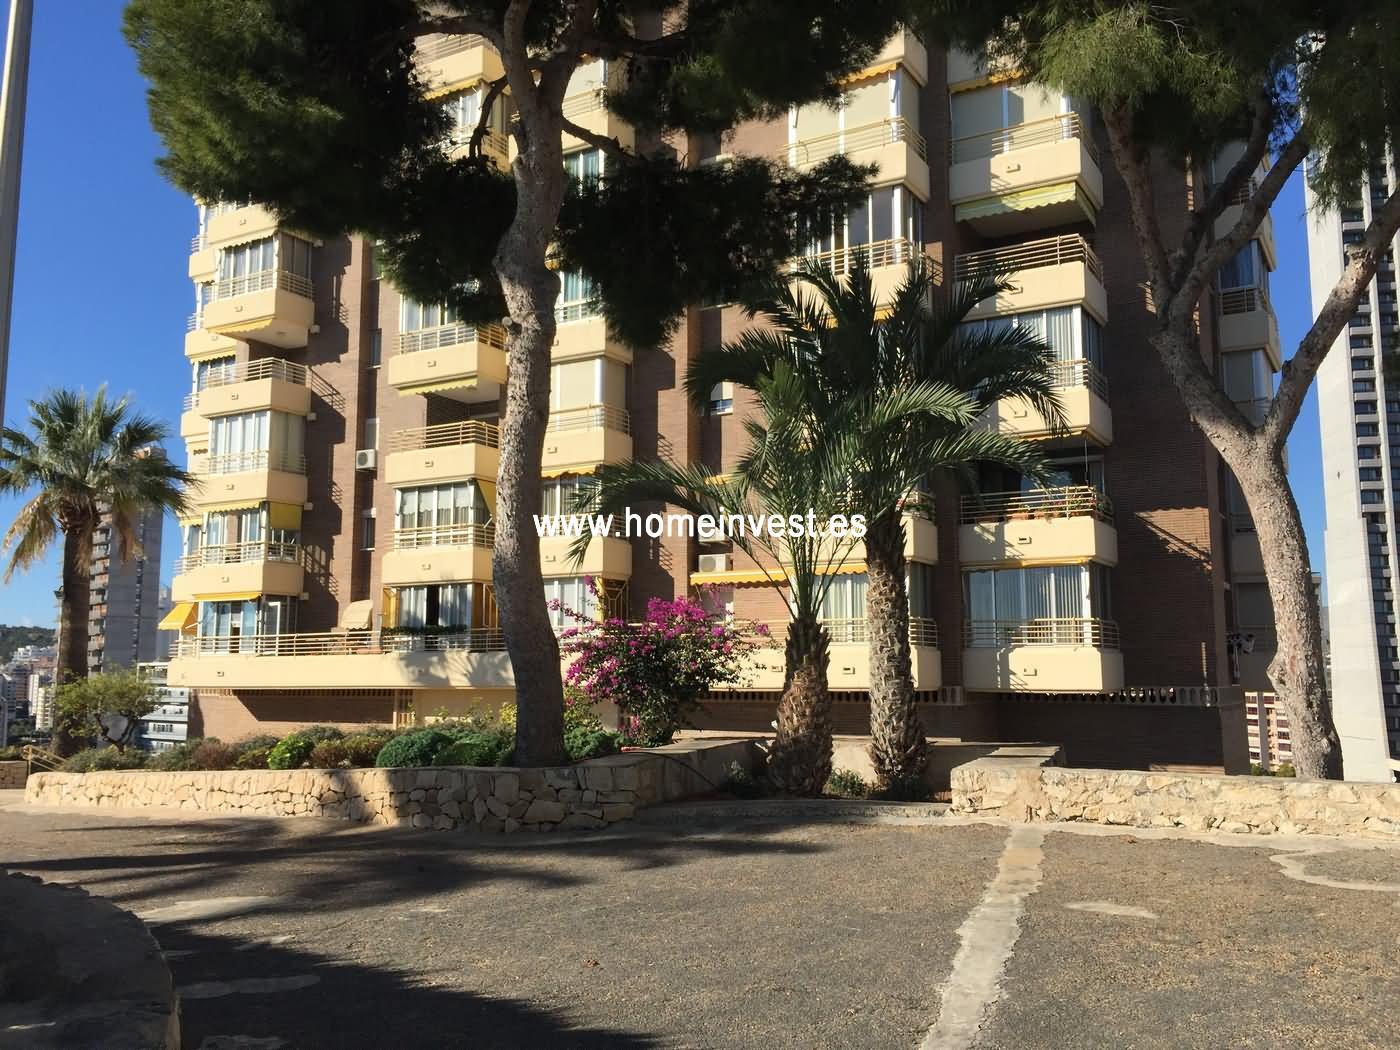 Apartamento en playa poniente benidorm - Apartamentos en benidorm playa poniente ...